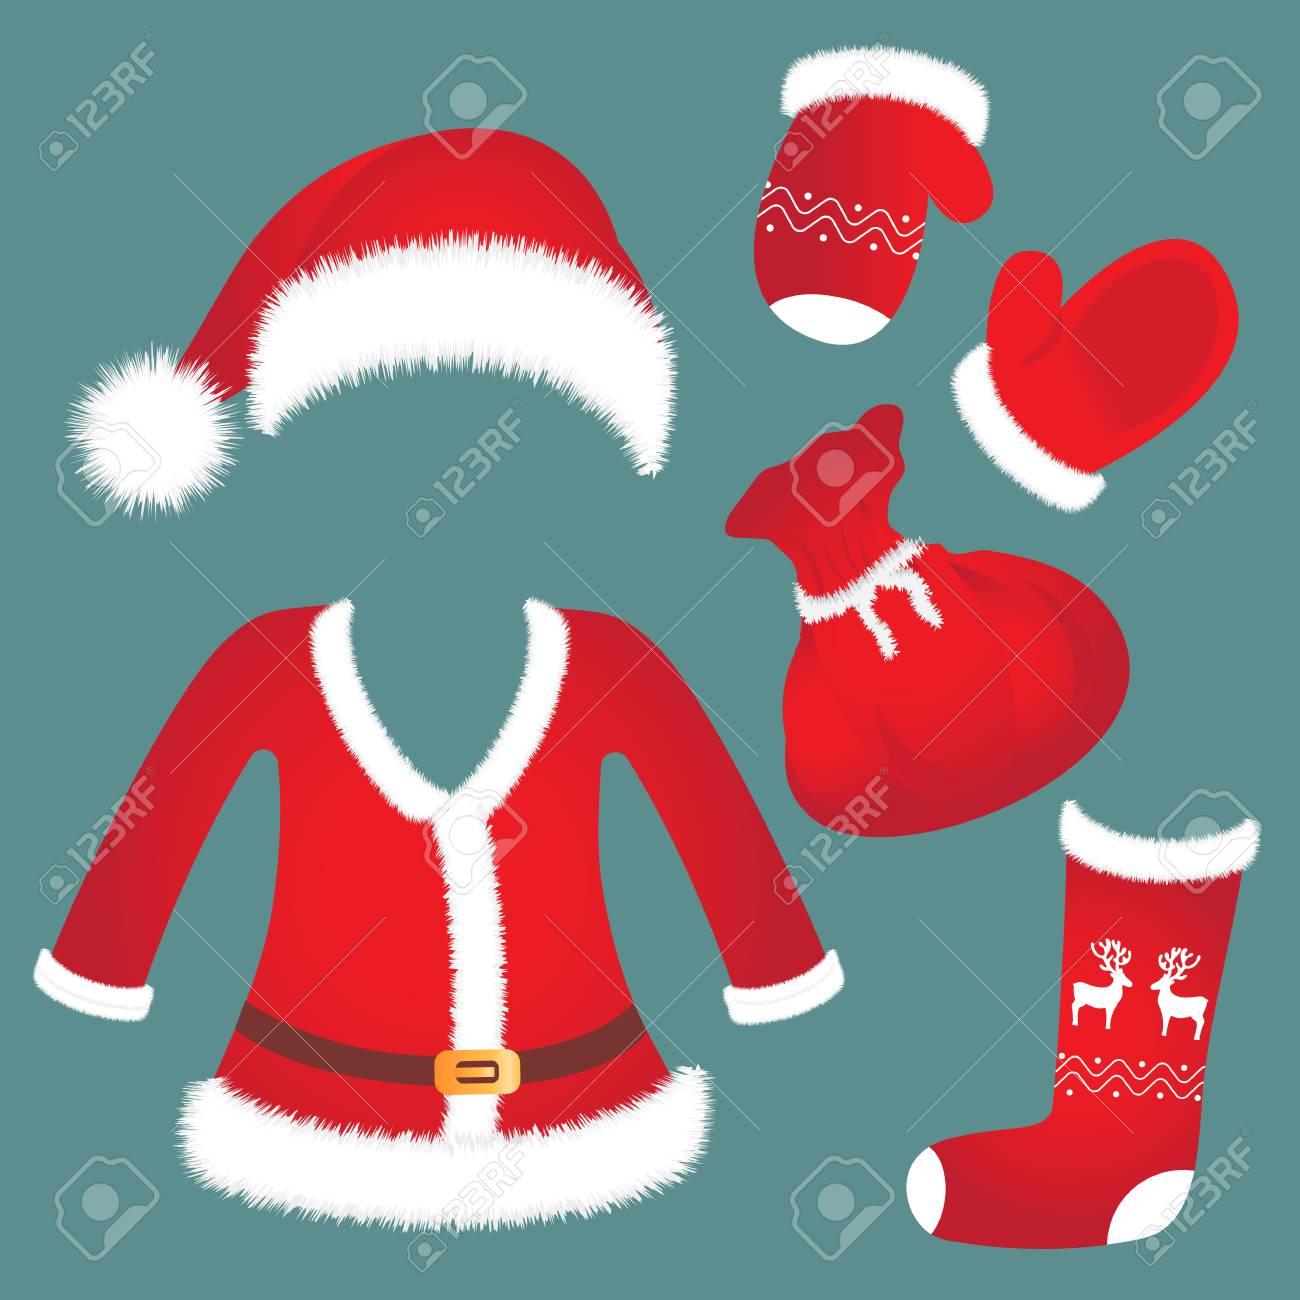 Sombrero de Santa, traje, mitones, bolsa de calcetines Accesorios de Año Nuevo